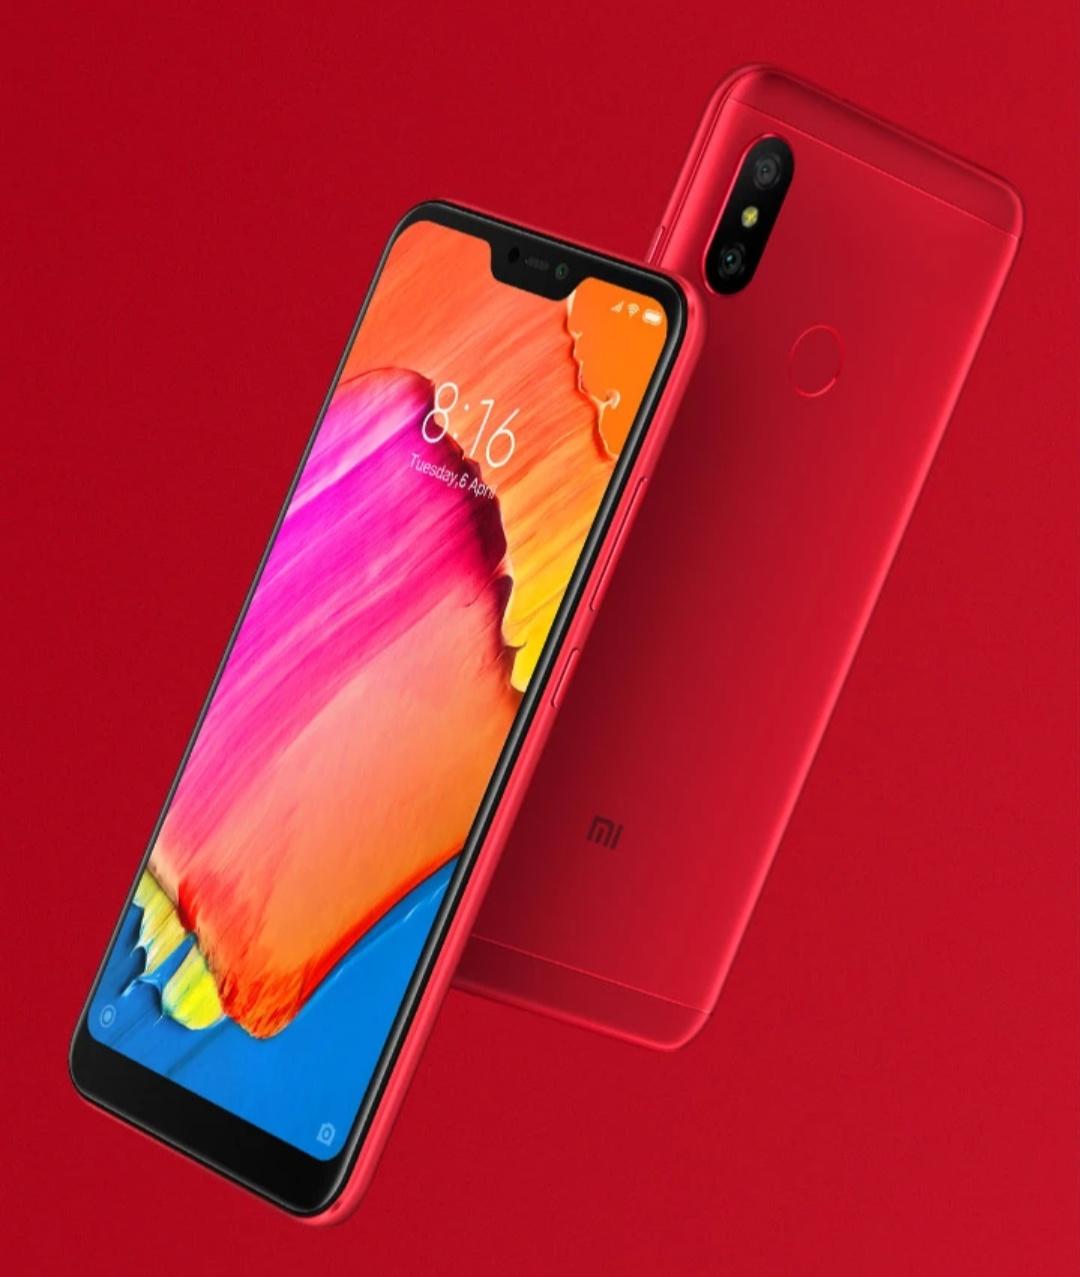 Xiaomi Redmi 6 Pro Price